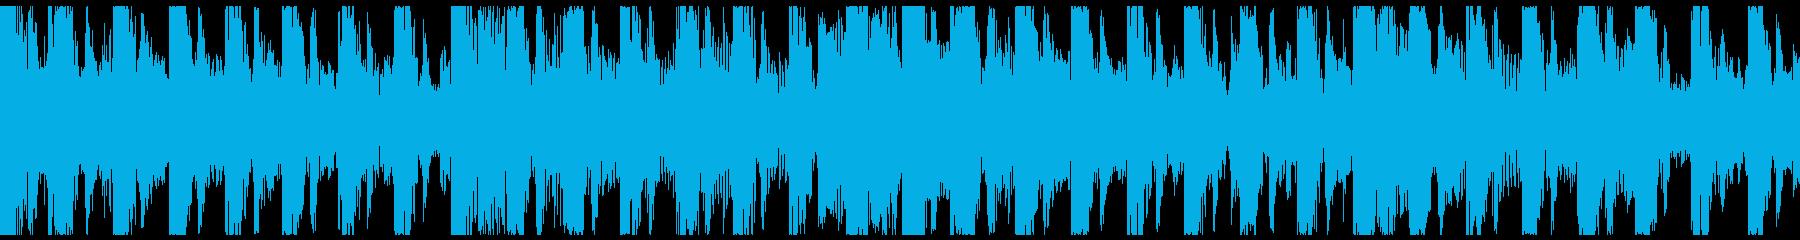 エスニックなパーカッションとリードの再生済みの波形